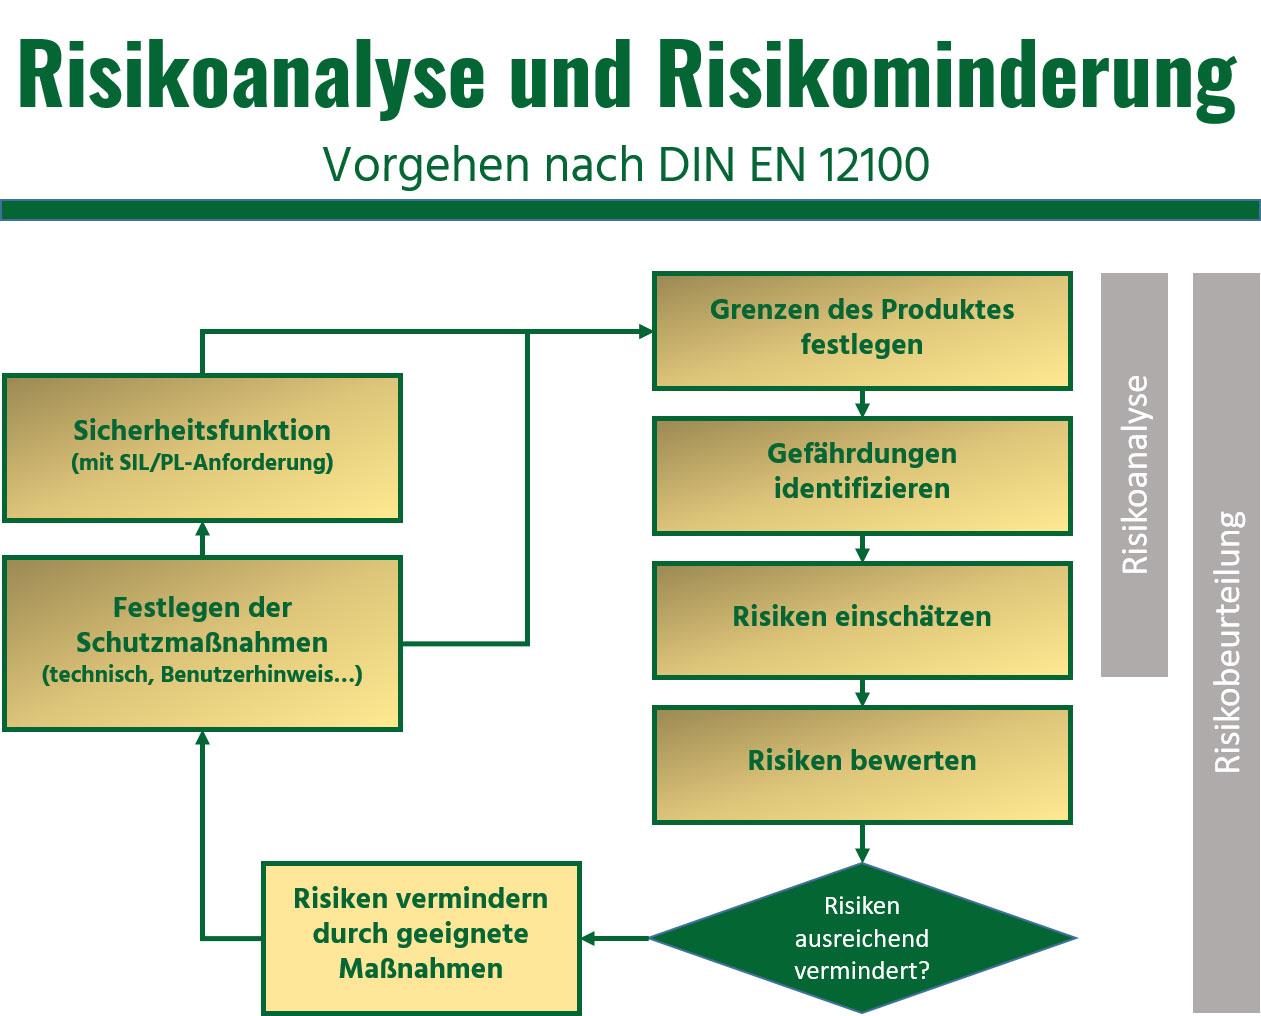 CE-Kennzeichnung CE-Kennzeichen Risikoanalyse Risikobeurteilung Sicherheit Maschinensicherheit EMV Druckgeräterichtlinie